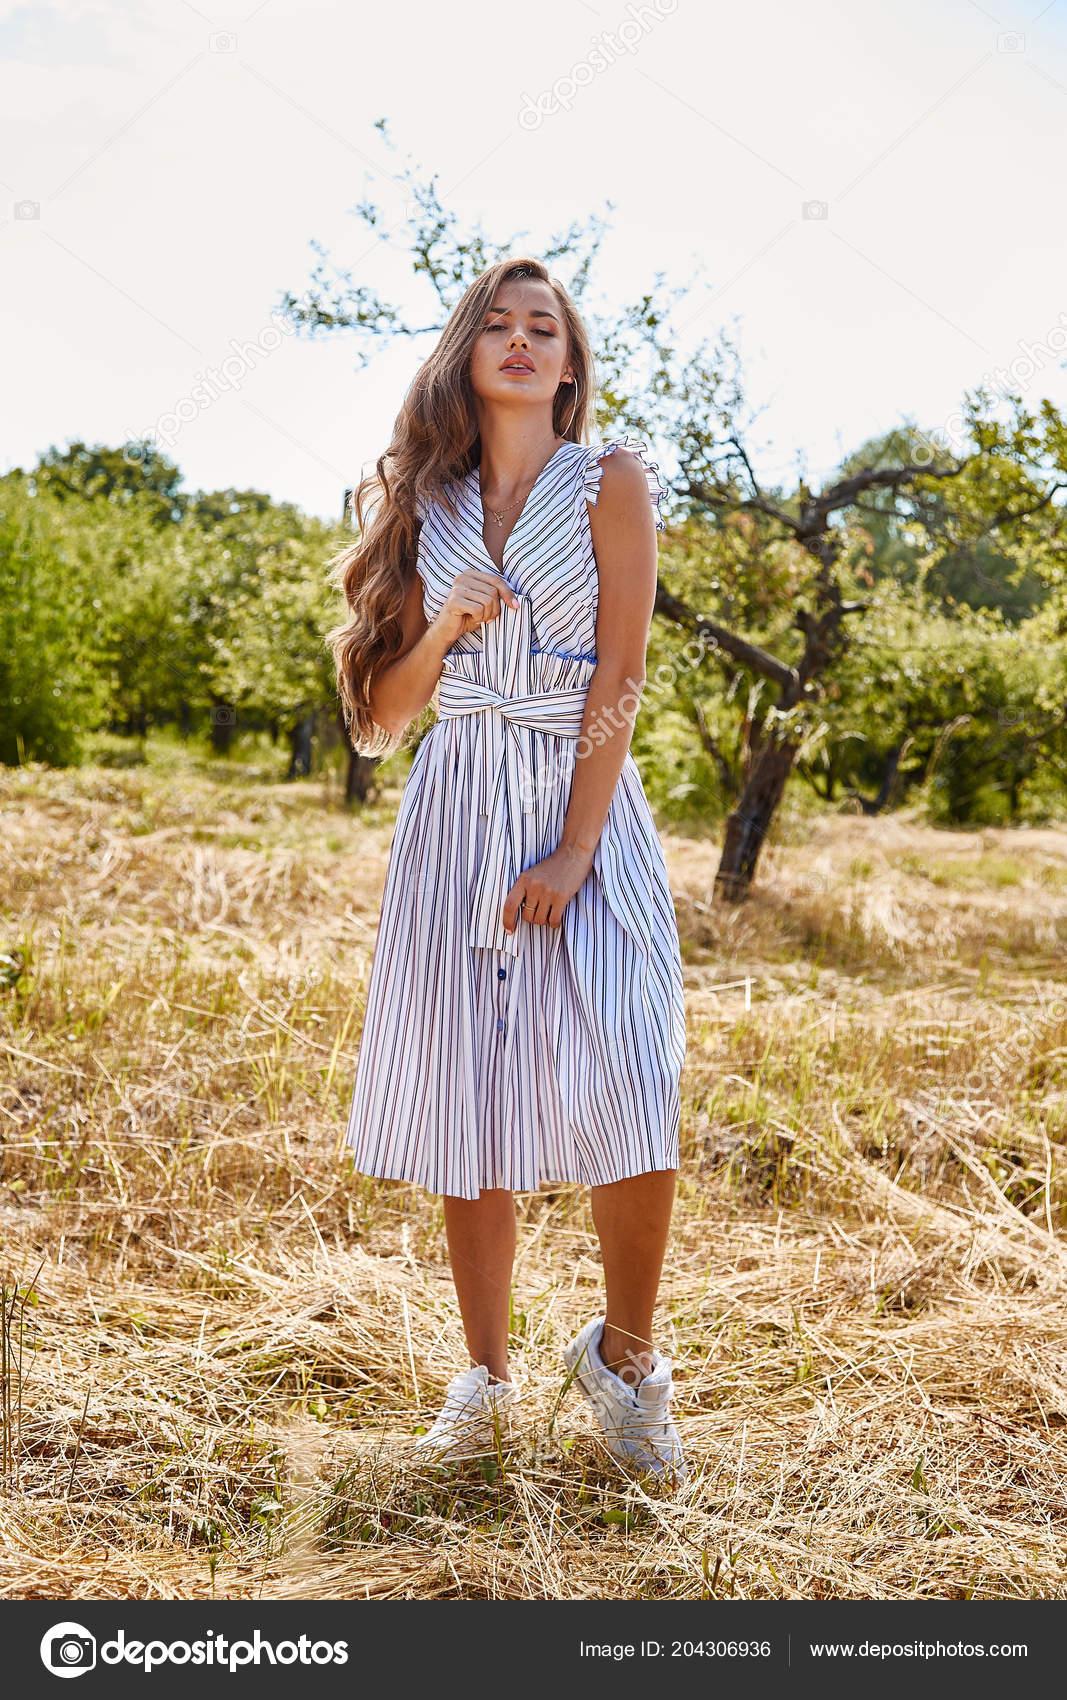 7cc431fdf36 Belle jeune femme sexy cheveux longs maquillage lumineux nature fond  paysage sec spike herbe et apple arbres été jardin modèle porter en coton  blanc léger ...